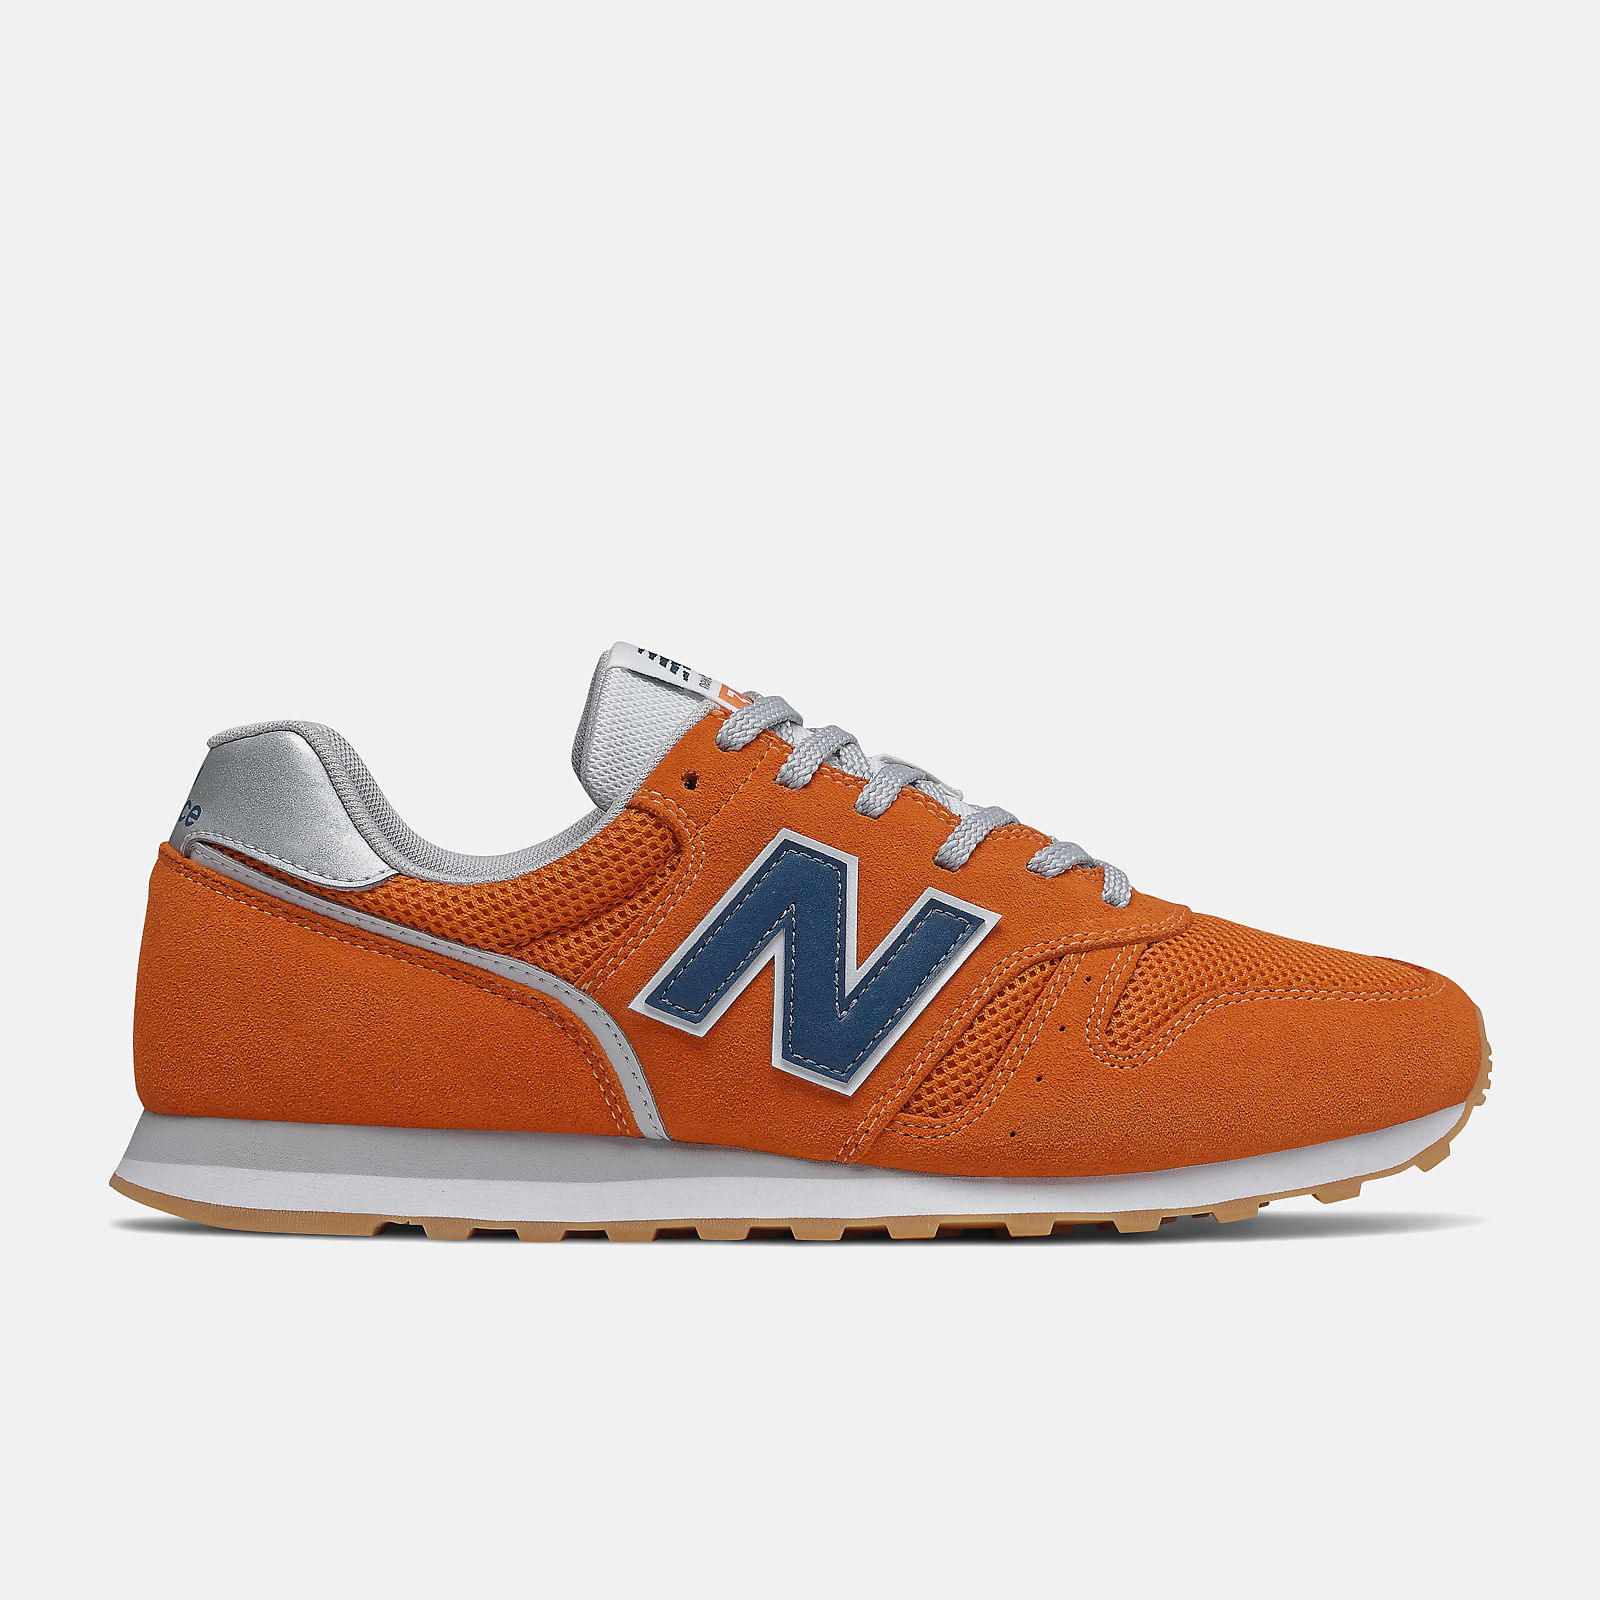 new balance 373 homme orange